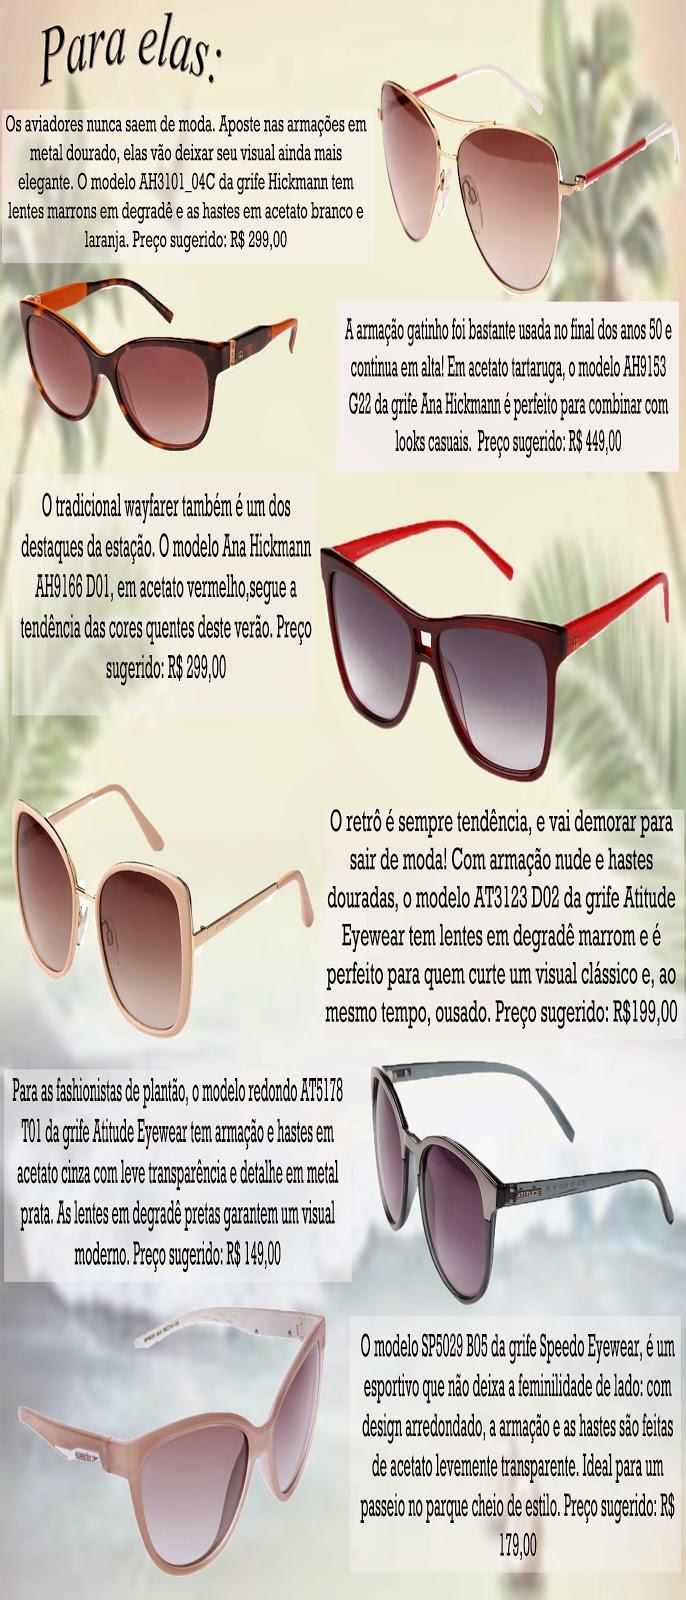 Terapia Feminina  ♪ Com que óculos eu vou... Curtir a praia no verão!♫ 2d23550c22